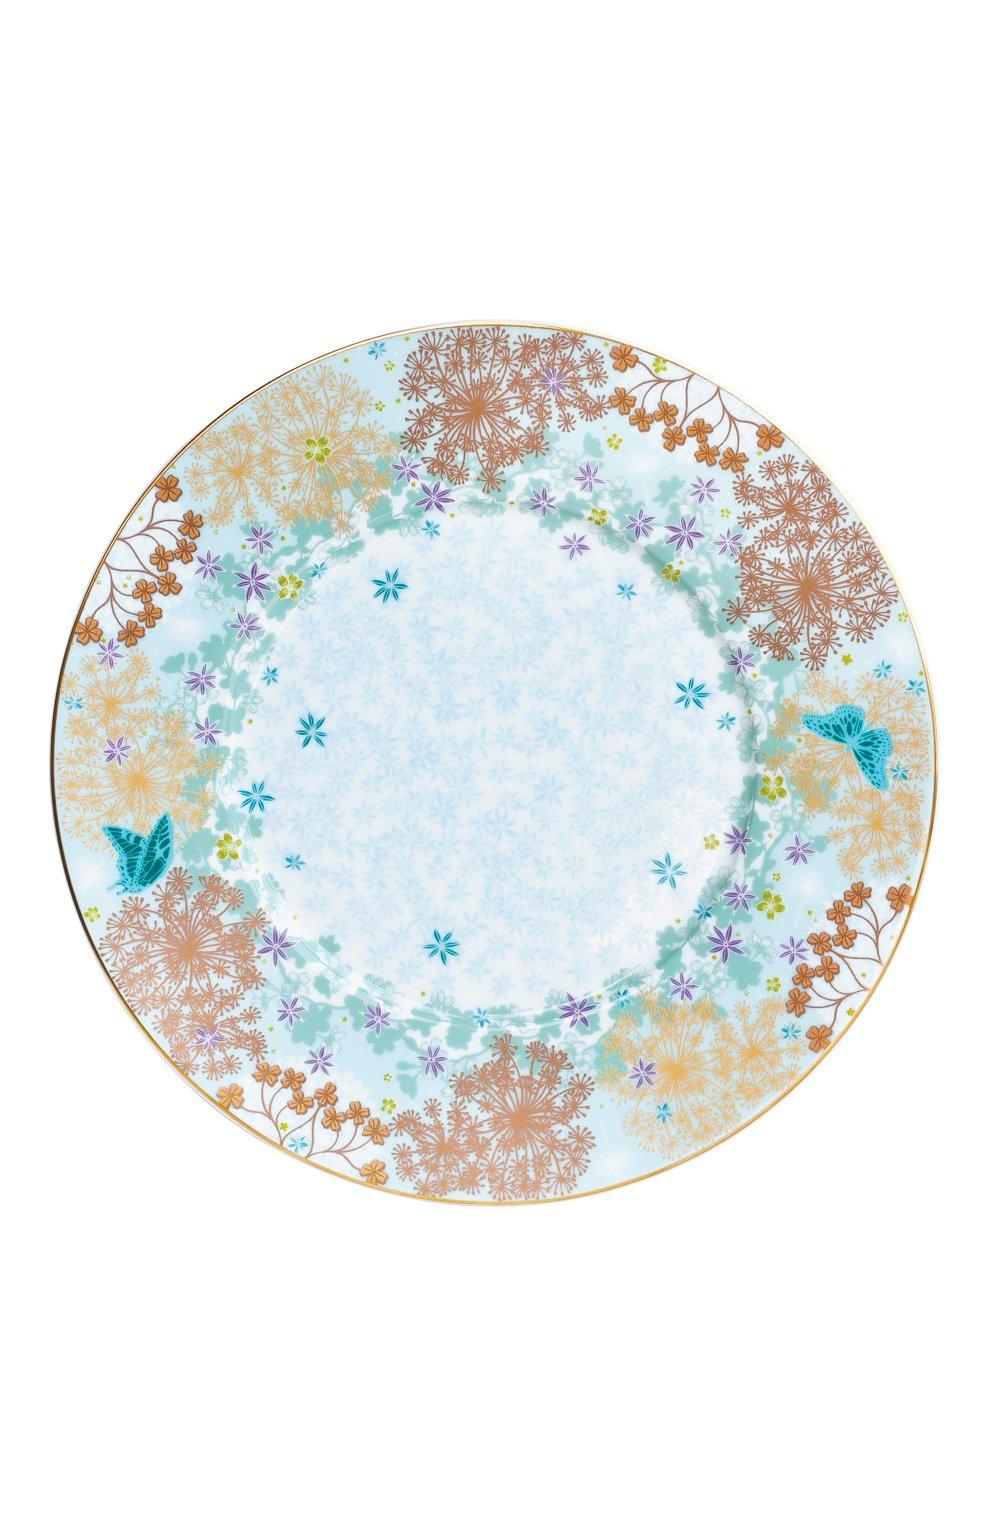 Мужского салатная тарелка feerie  BERNARDAUD разноцветного цвета, арт. 1860/17   Фото 1